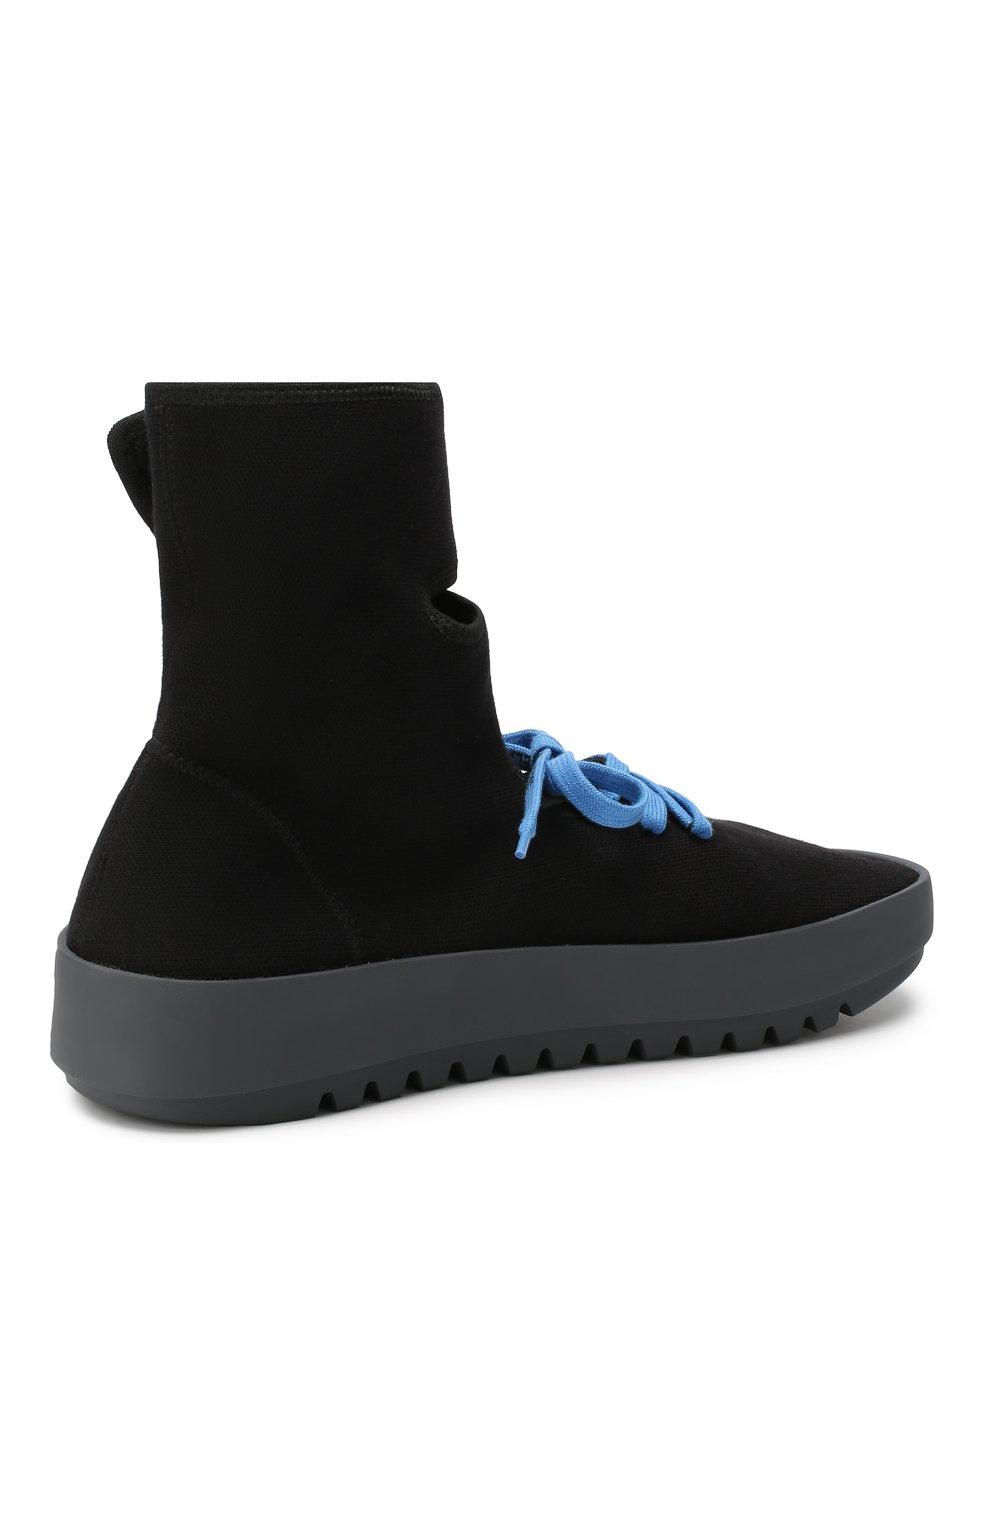 Мужские текстильные кроссовки cst-001 OFF-WHITE черного цвета, арт. 0MIA108E19B830241001 | Фото 4